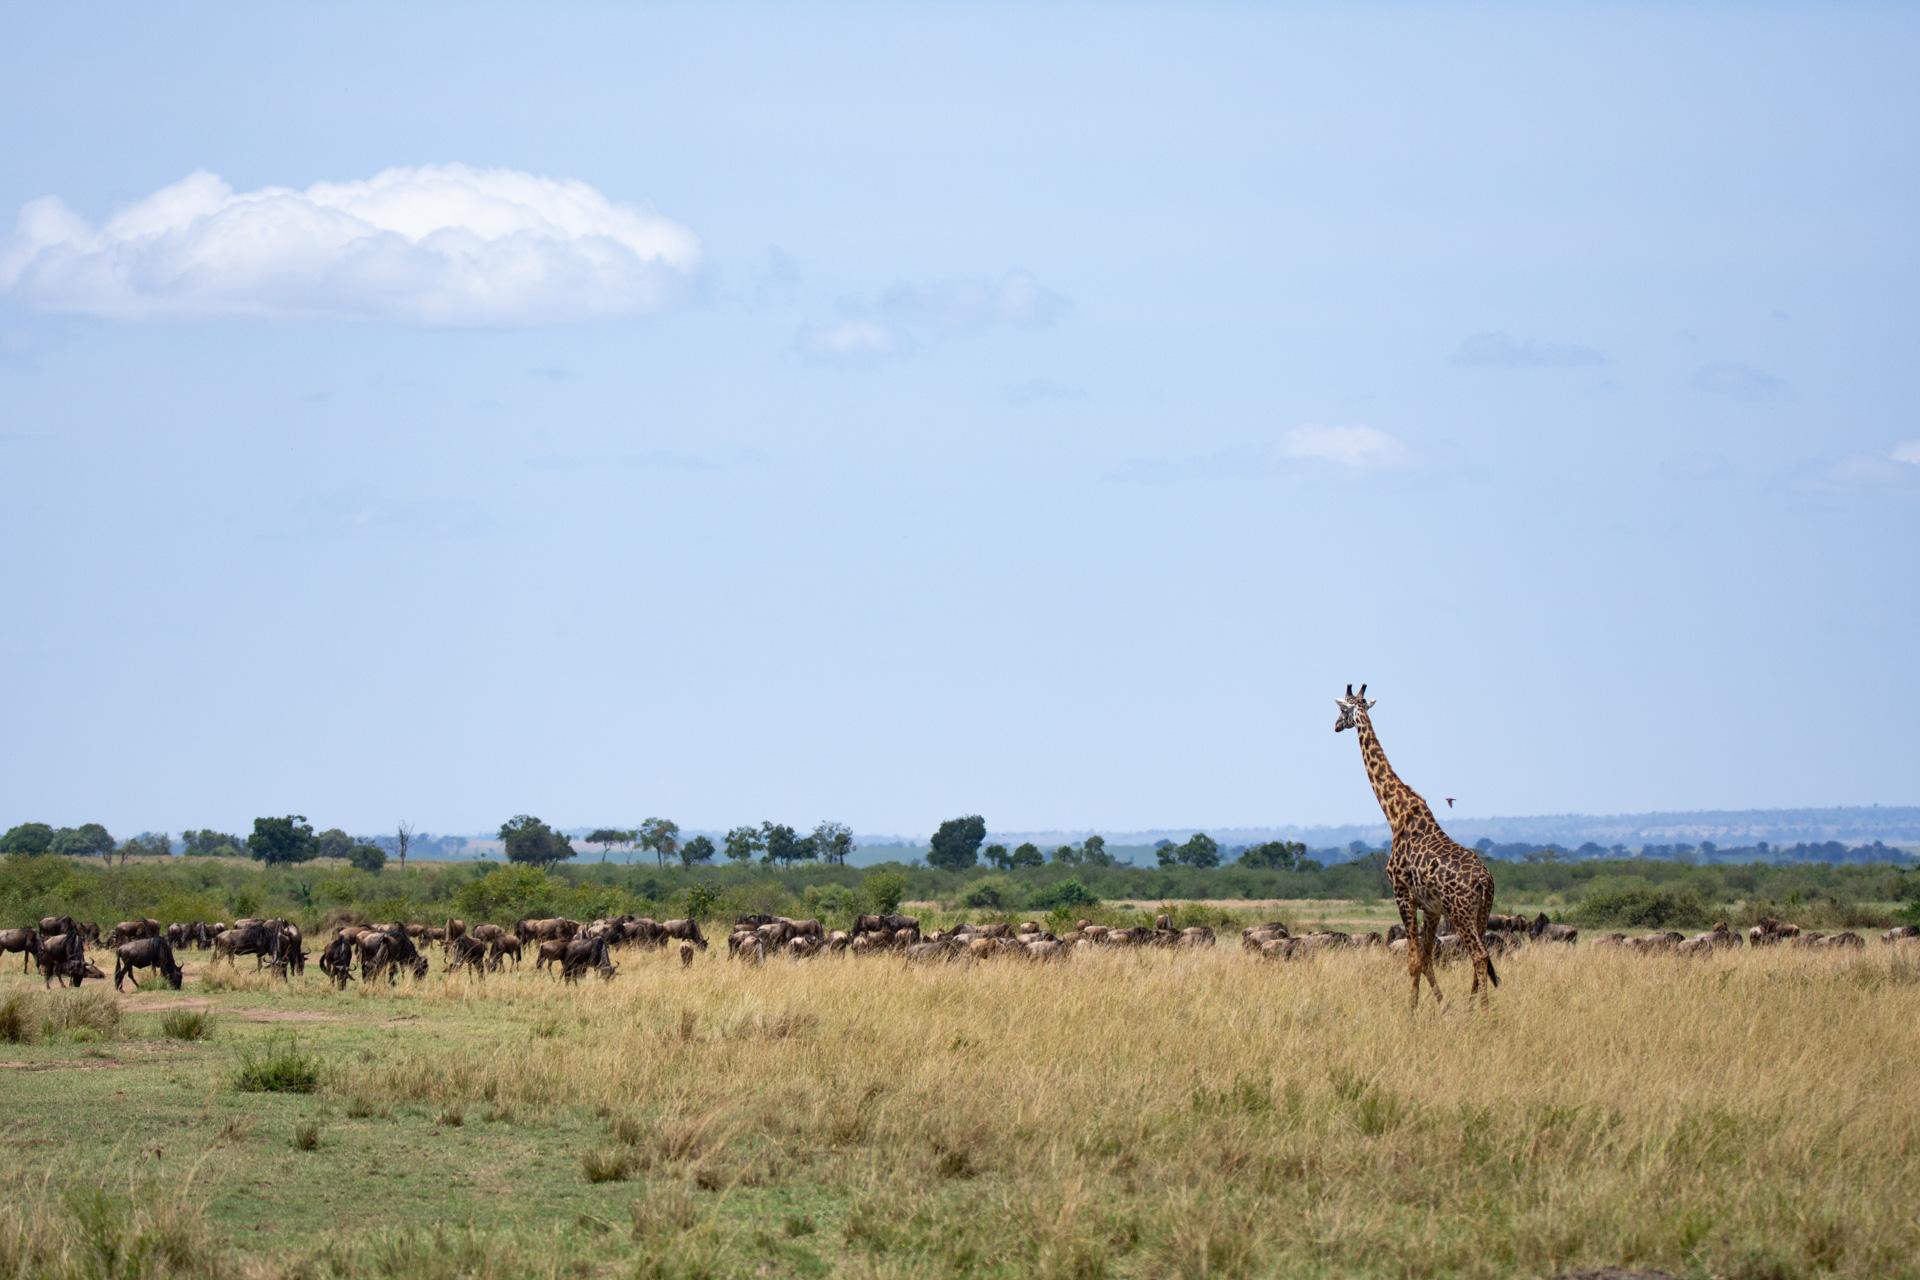 giraffe and wildebeests